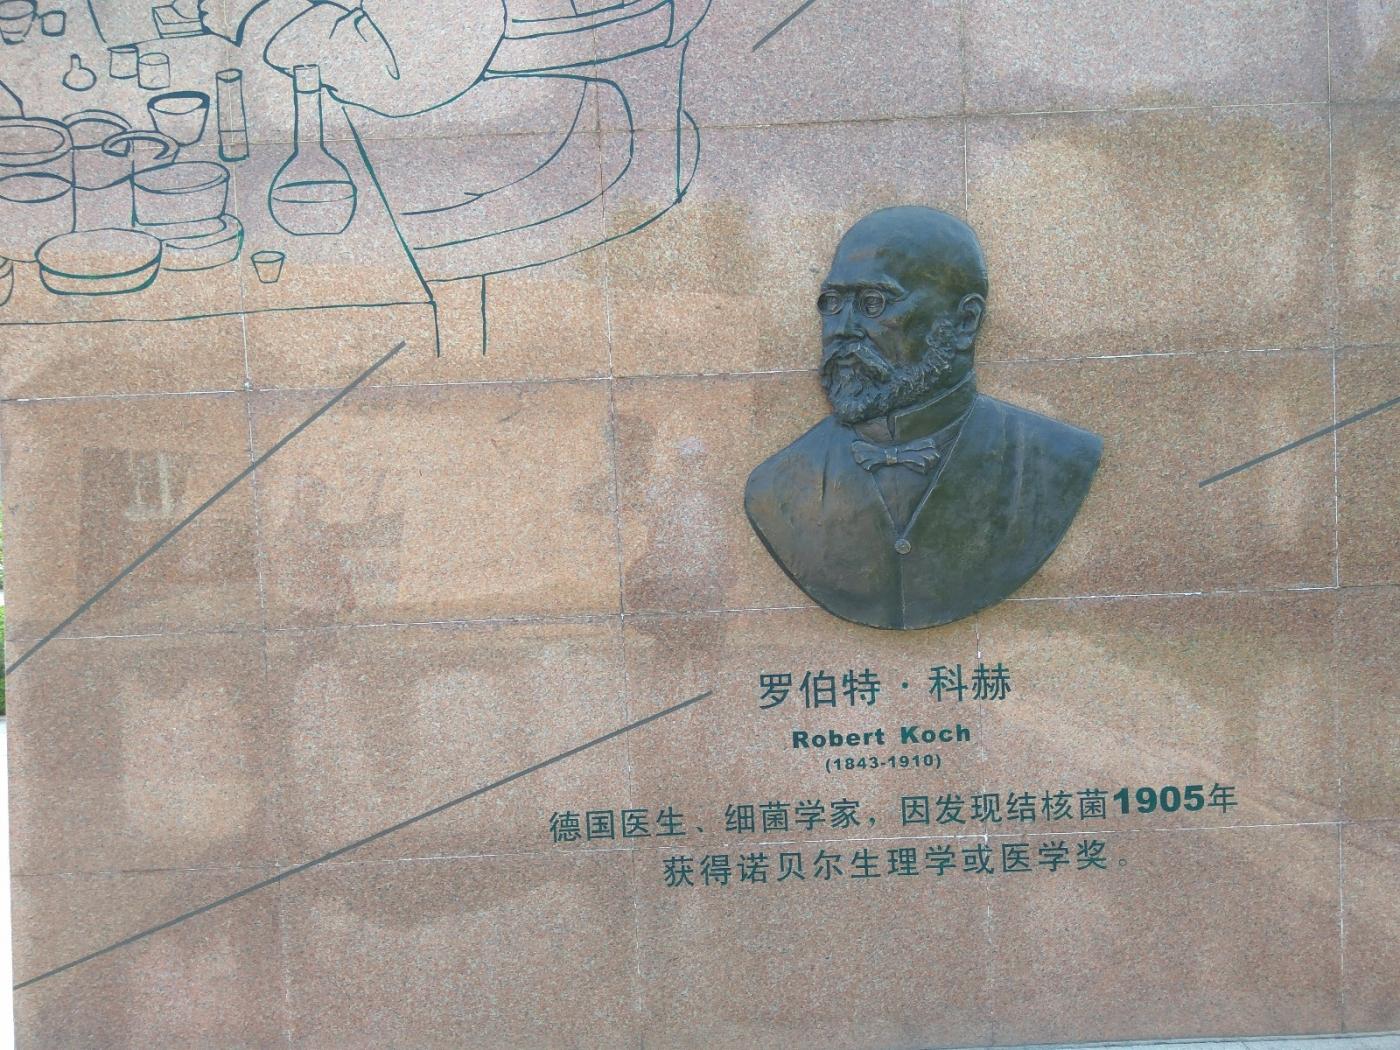 群雕:中外医学大师(图)_图1-25